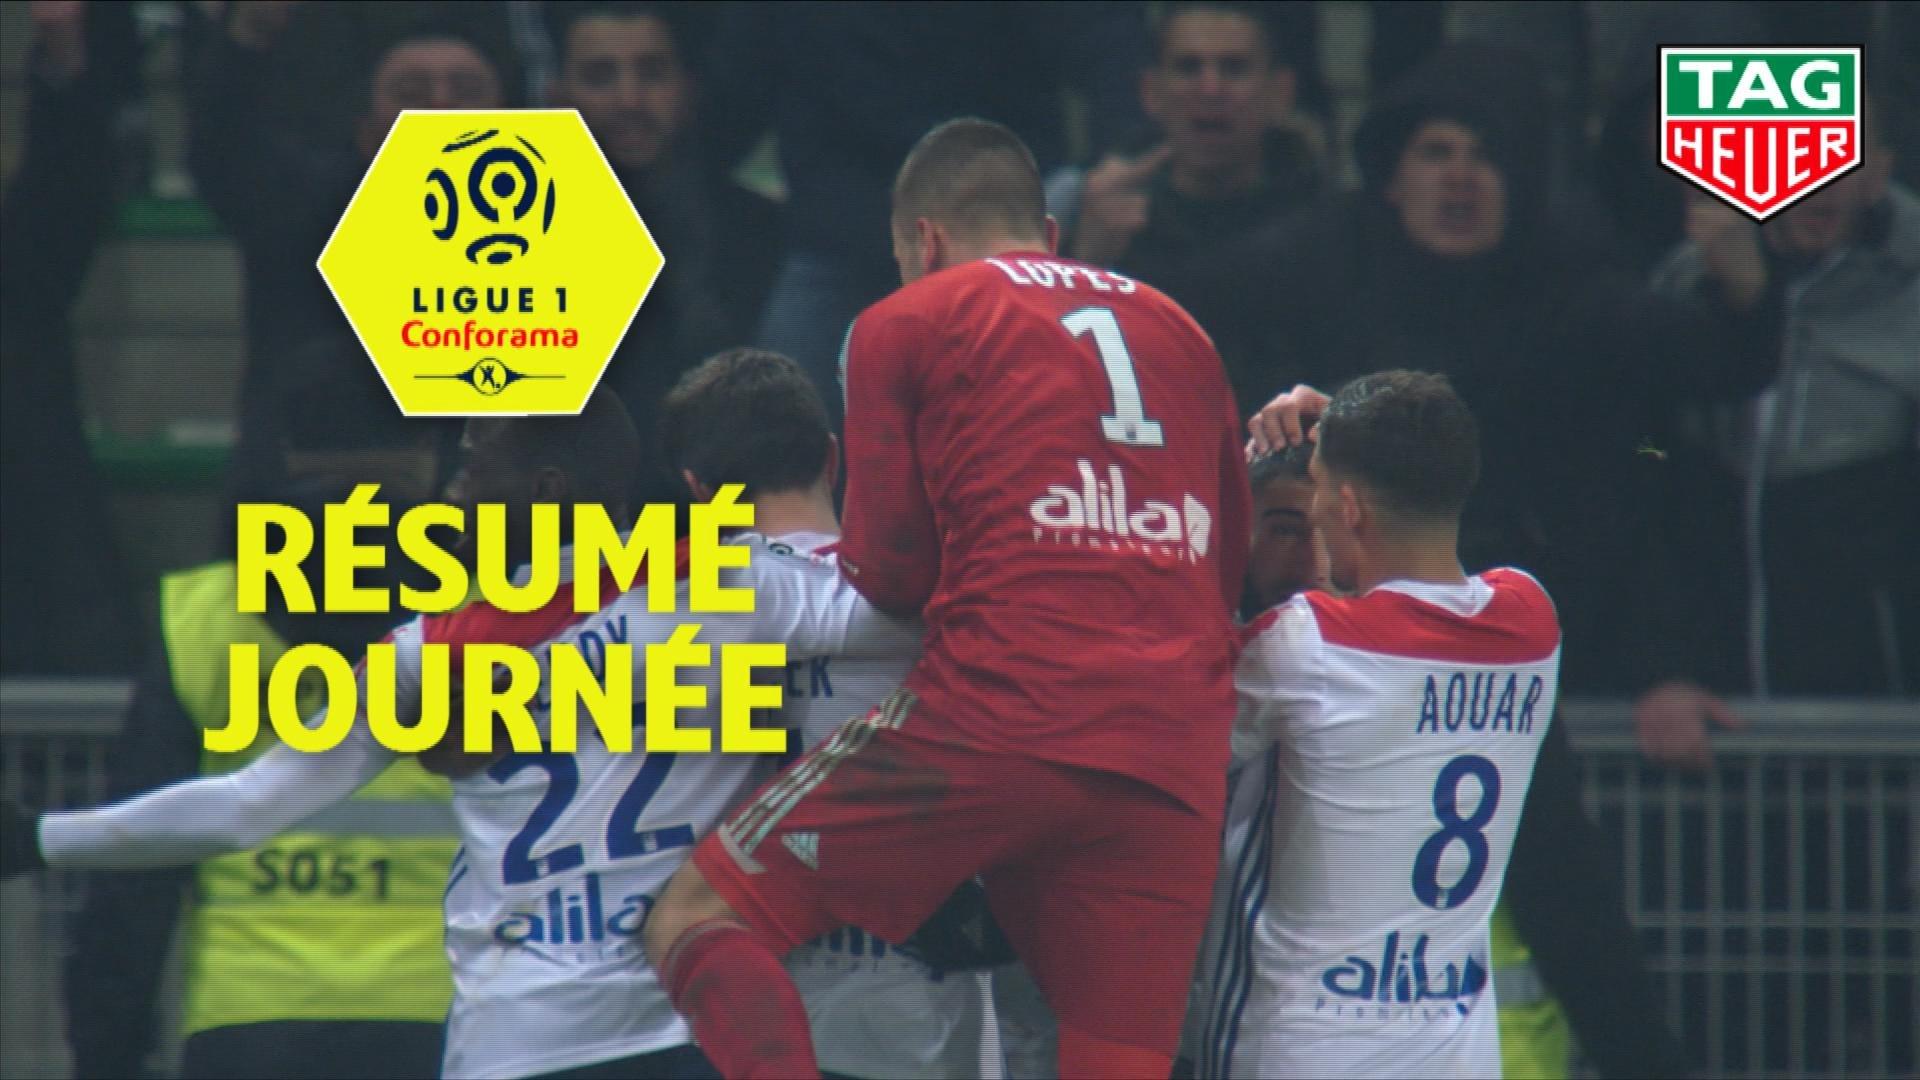 Résumé de la 21ème journée - Ligue 1 Conforama / 2018-19